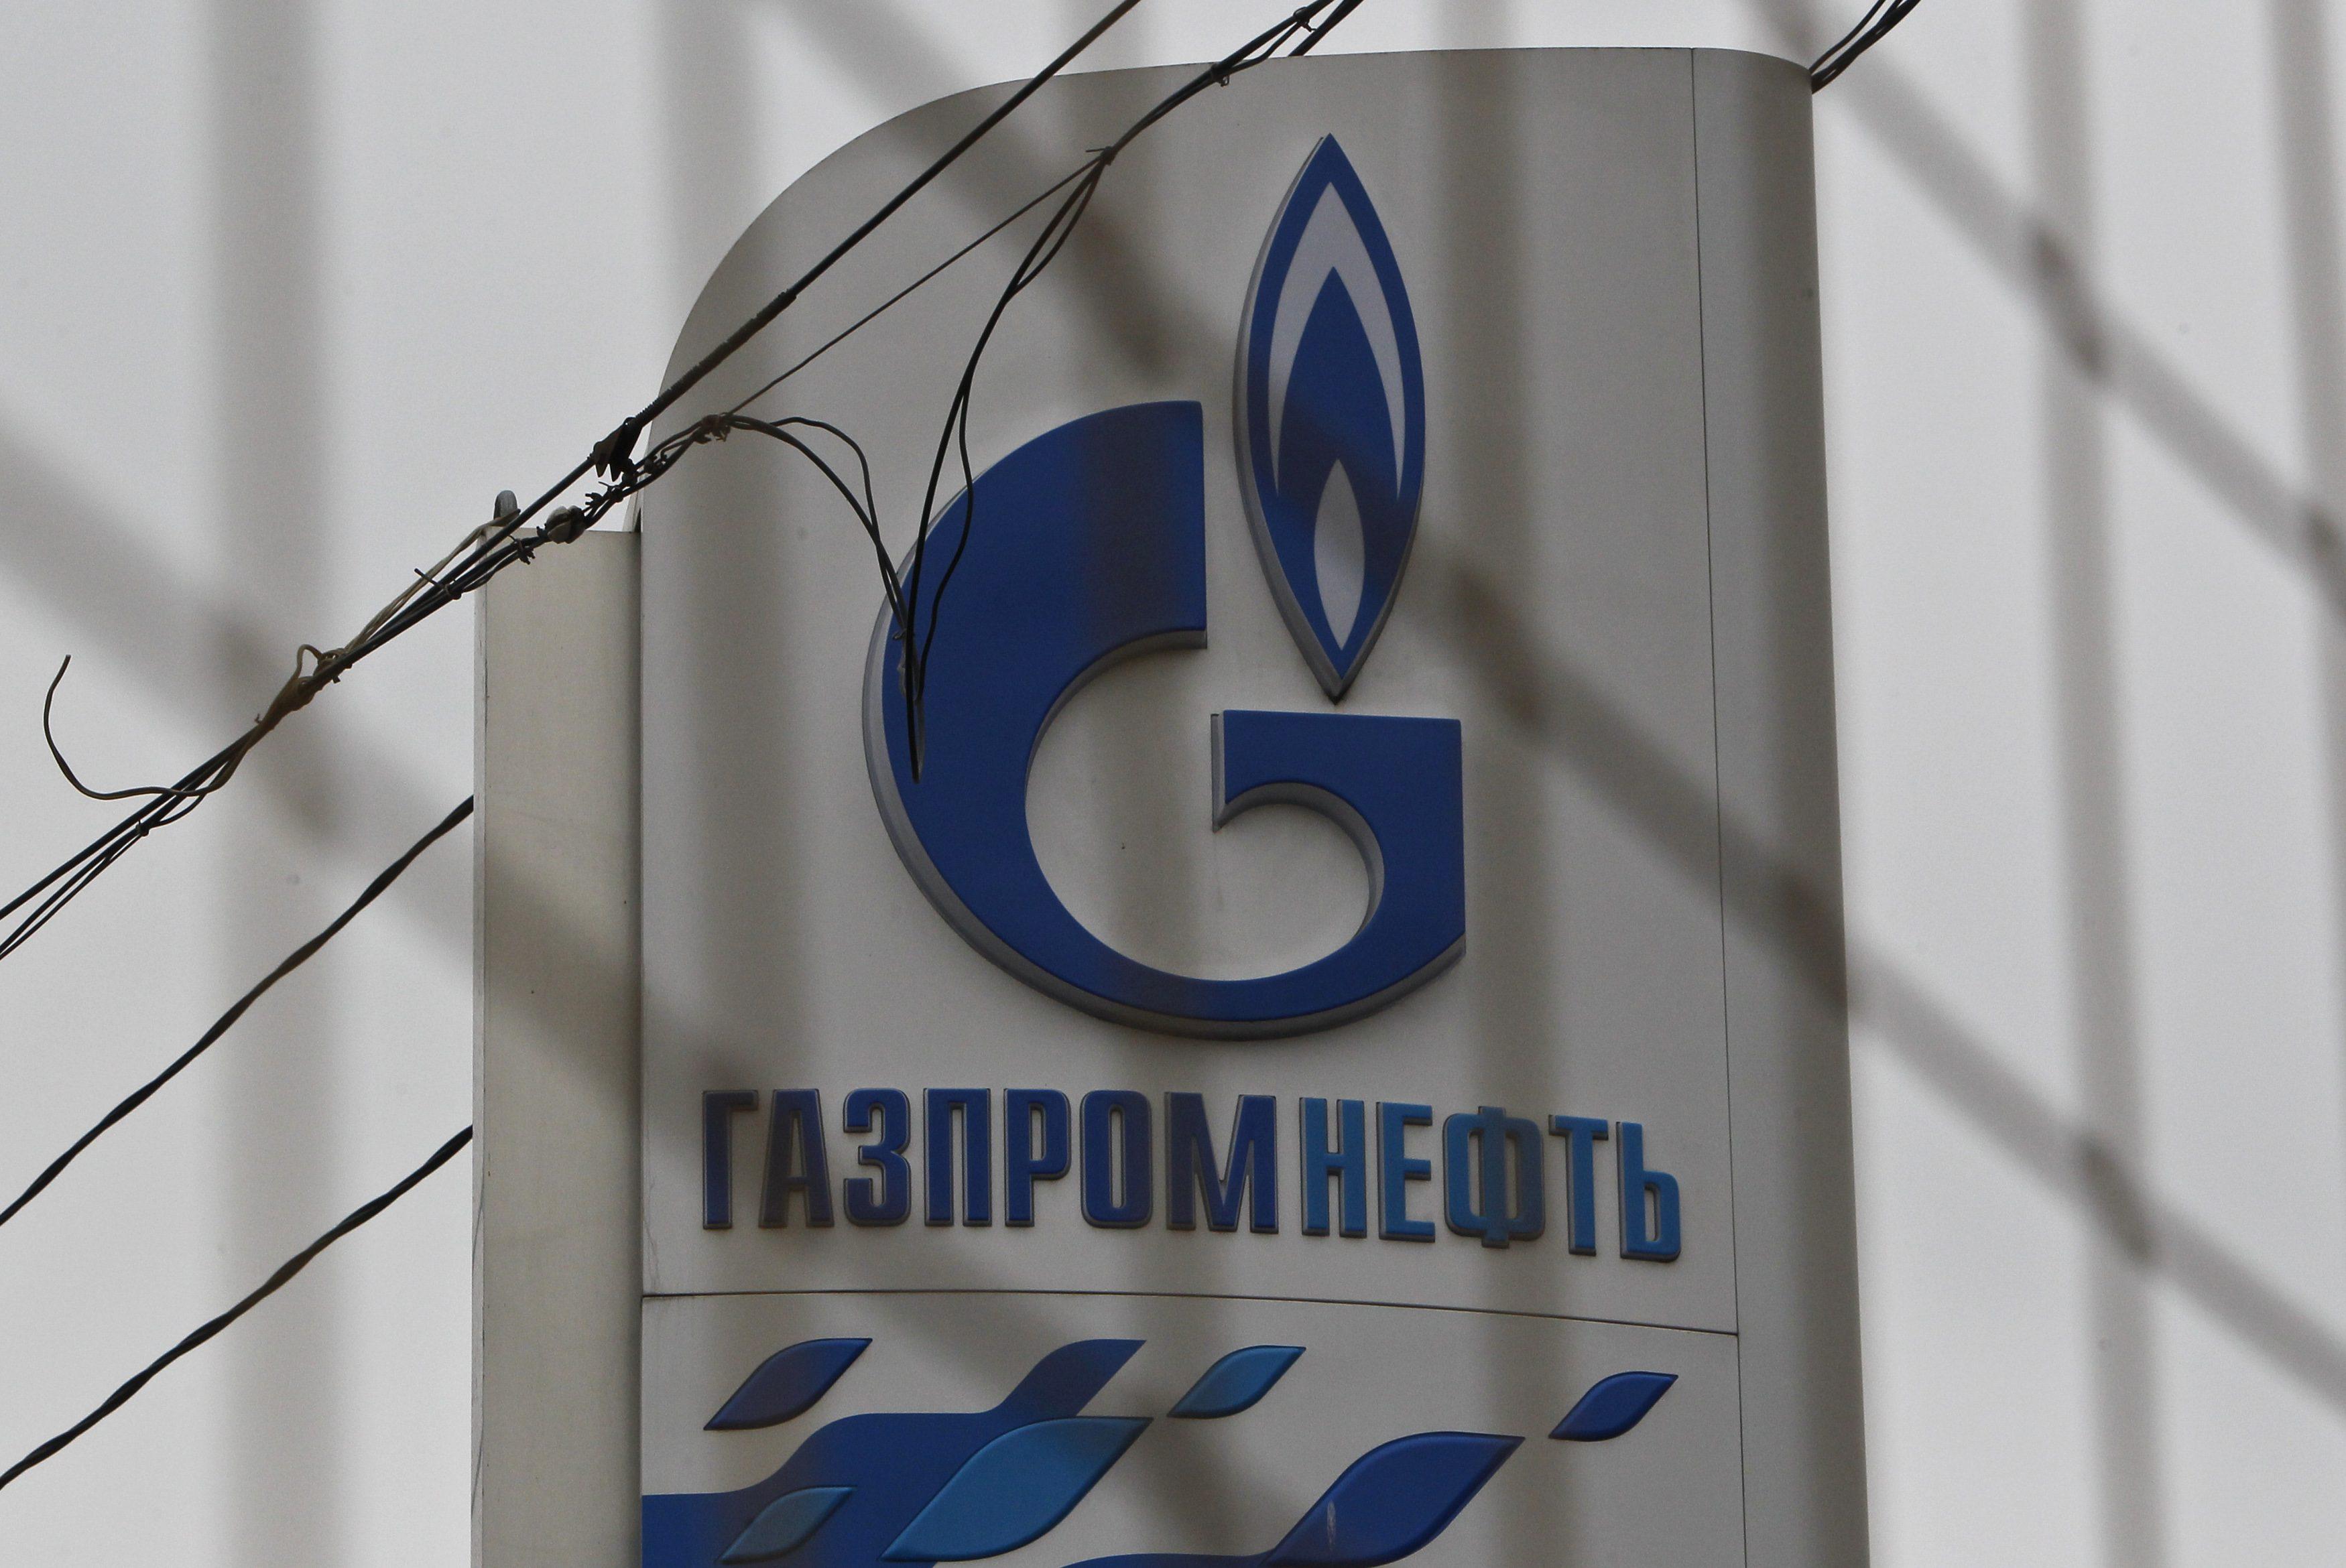 Θετικοί οι ηλεκτροπαραγωγοί για τη συμφωνία ΔΕΠΑ – Gazprom   tovima.gr